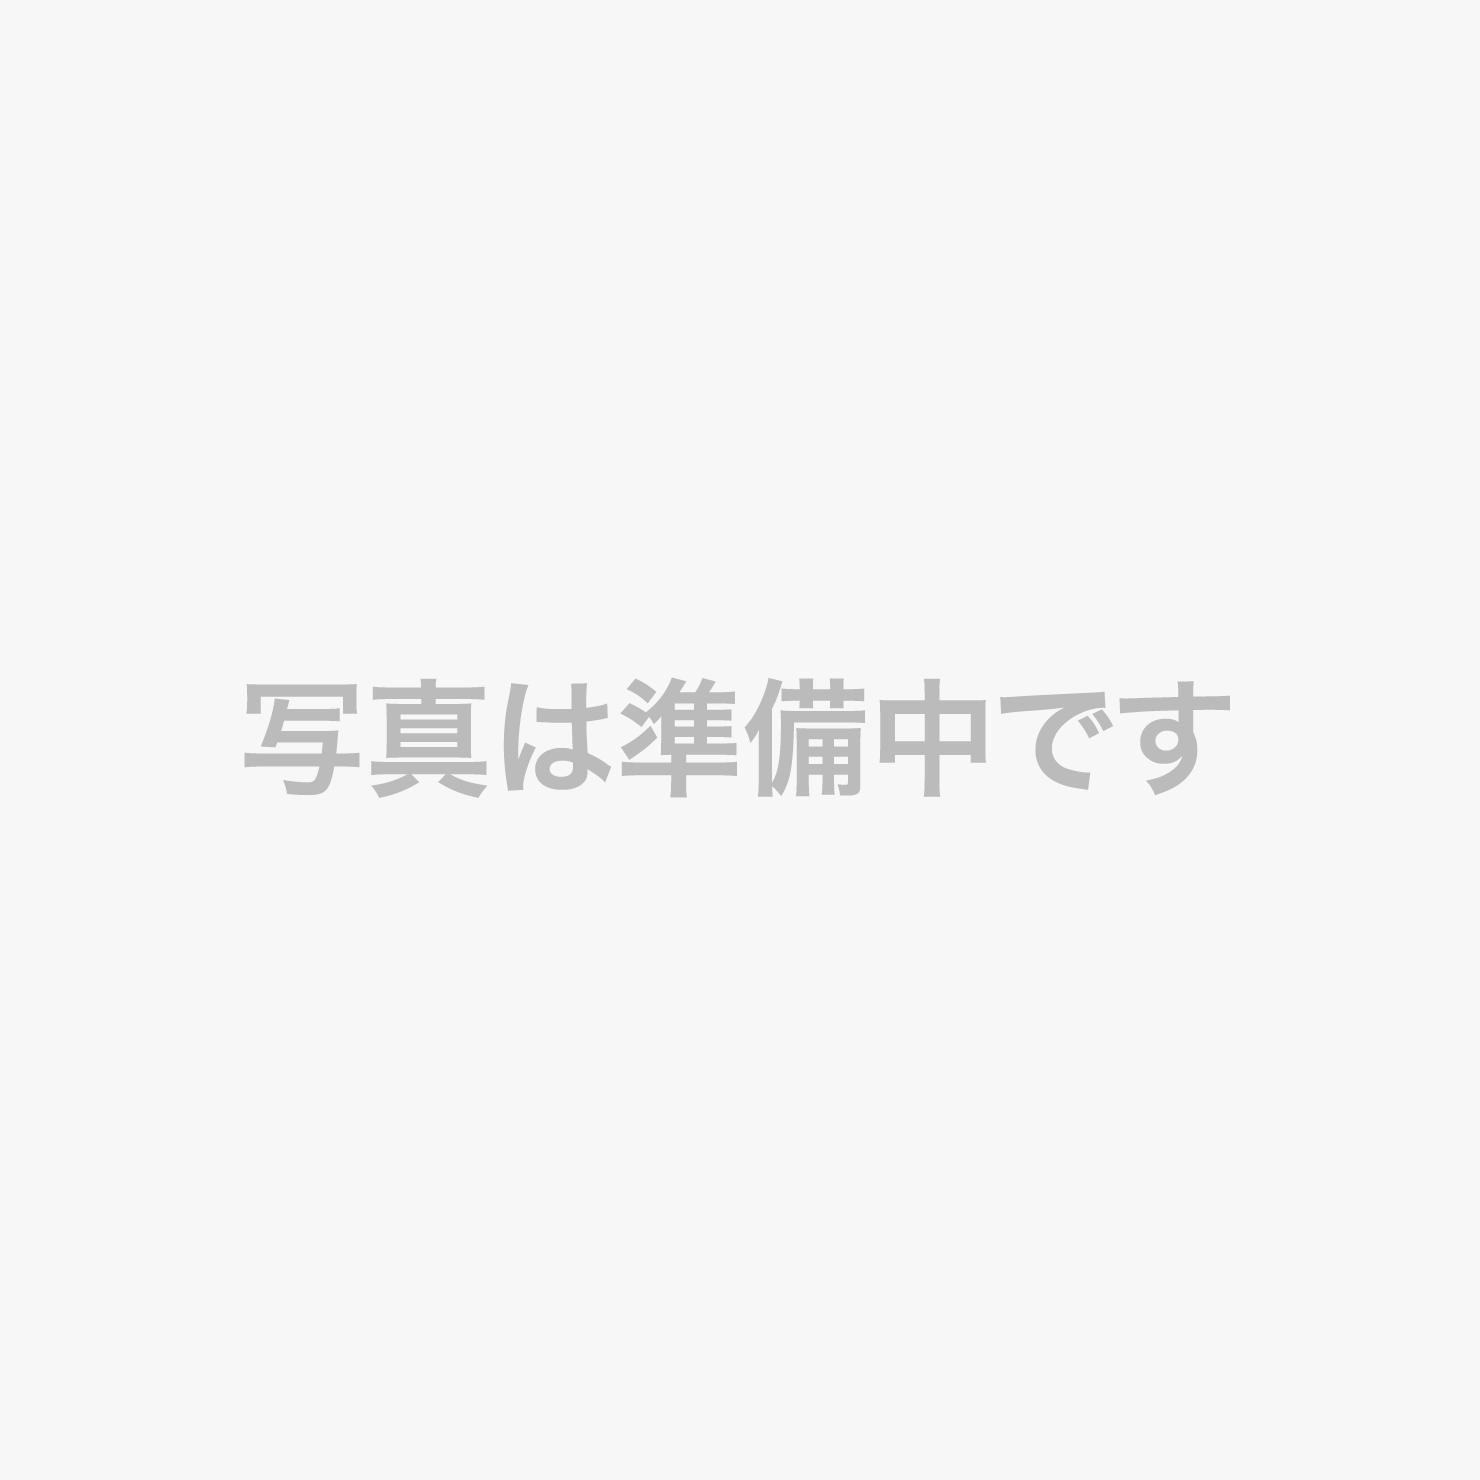 東横INN新大阪中央口新館